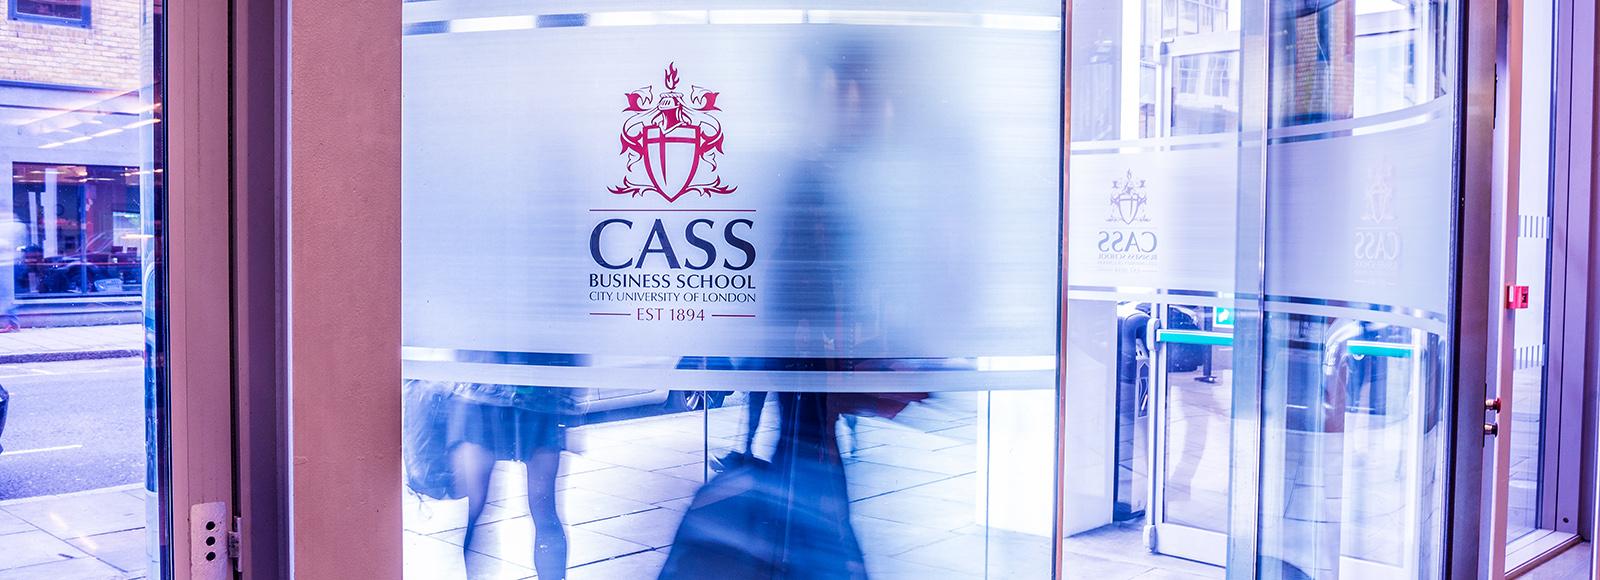 Cass Business School branding on a window